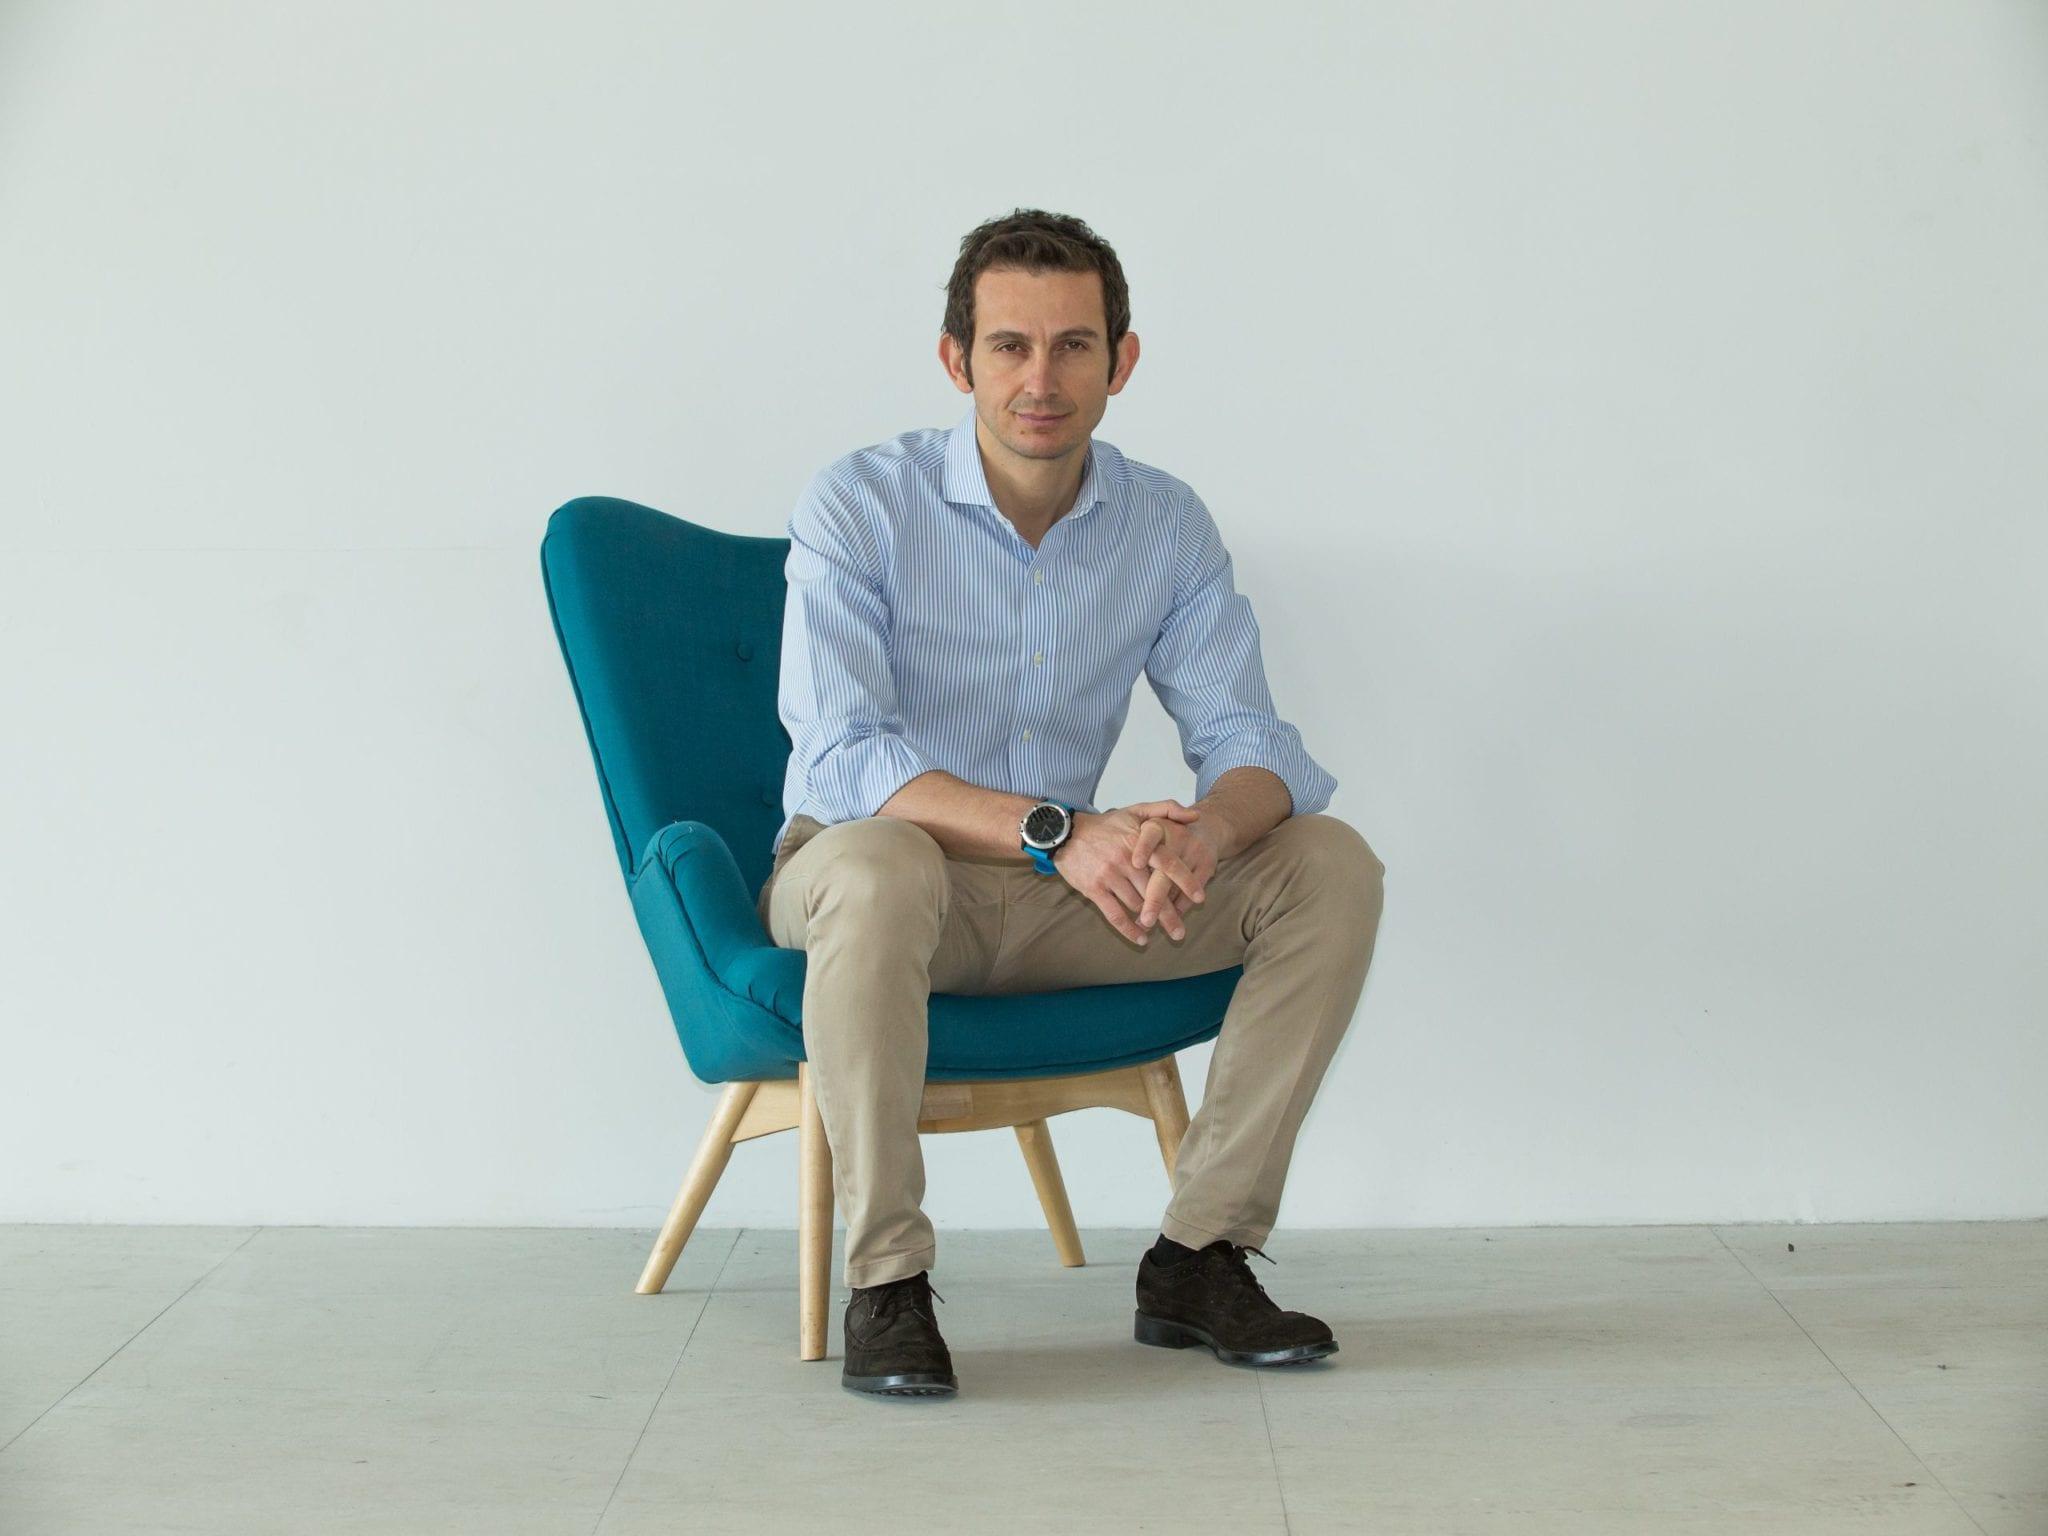 Dario-Mancini-Waze-Regional-Manager